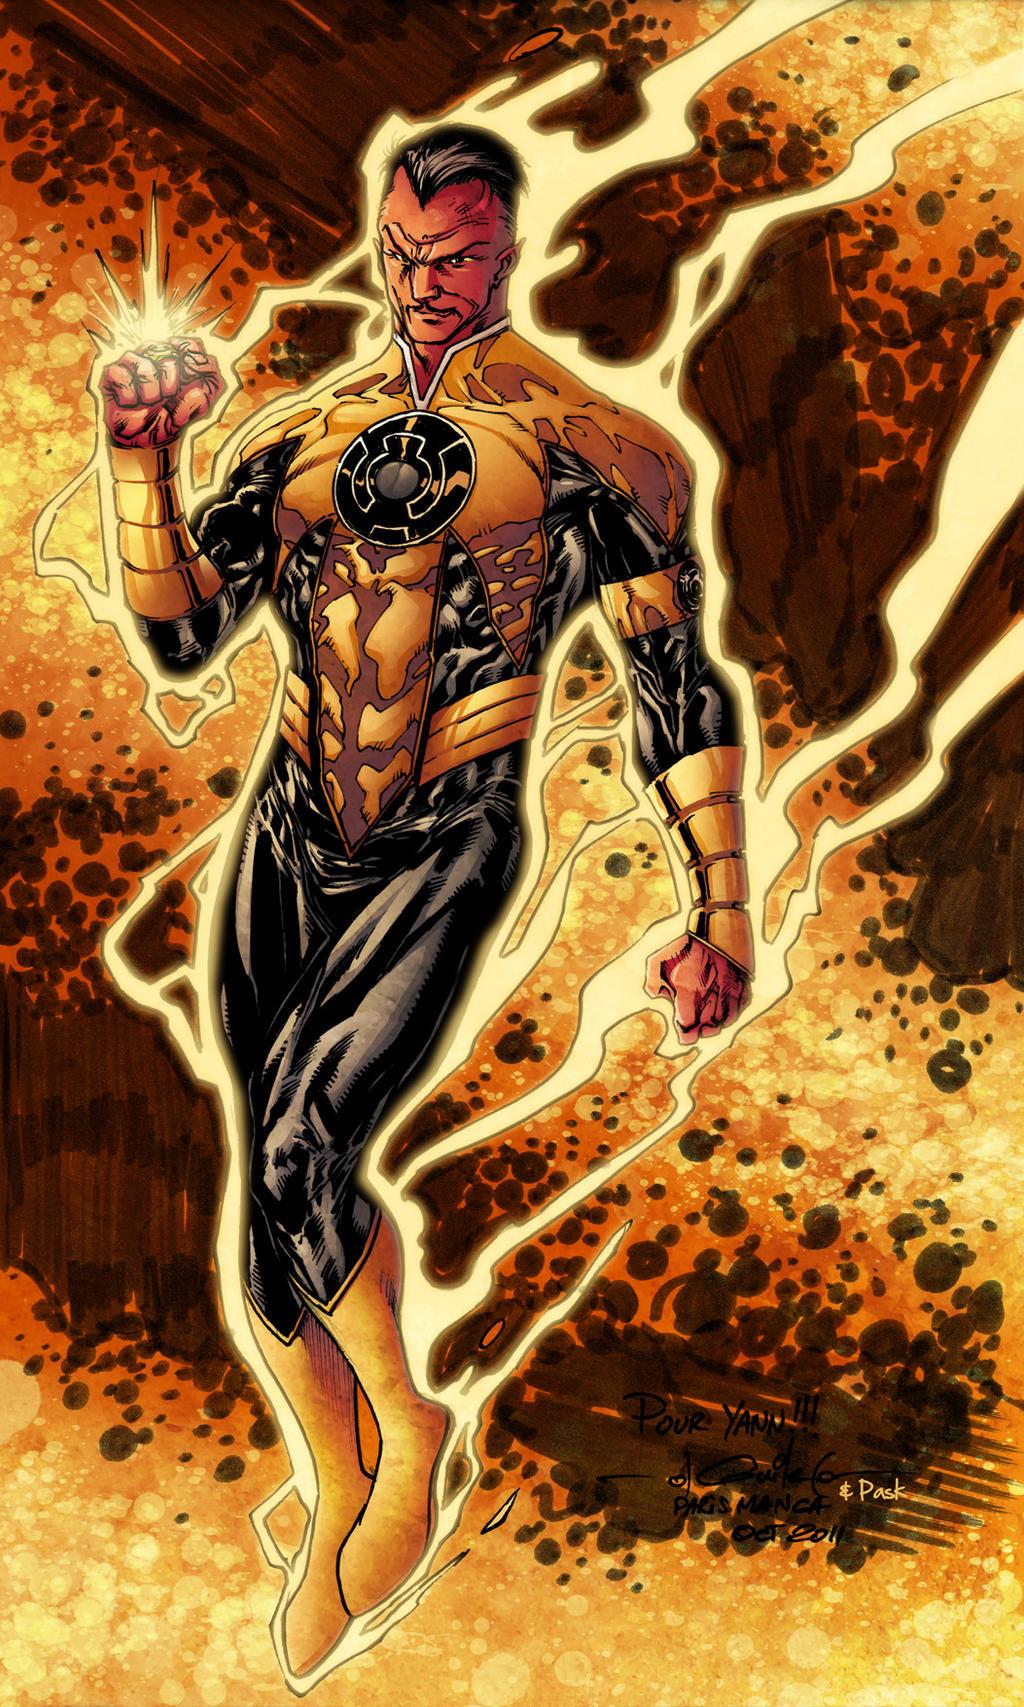 Les images du net - Page 3 Sinestro___pask_colors_by_spiderguile-d4fmxai